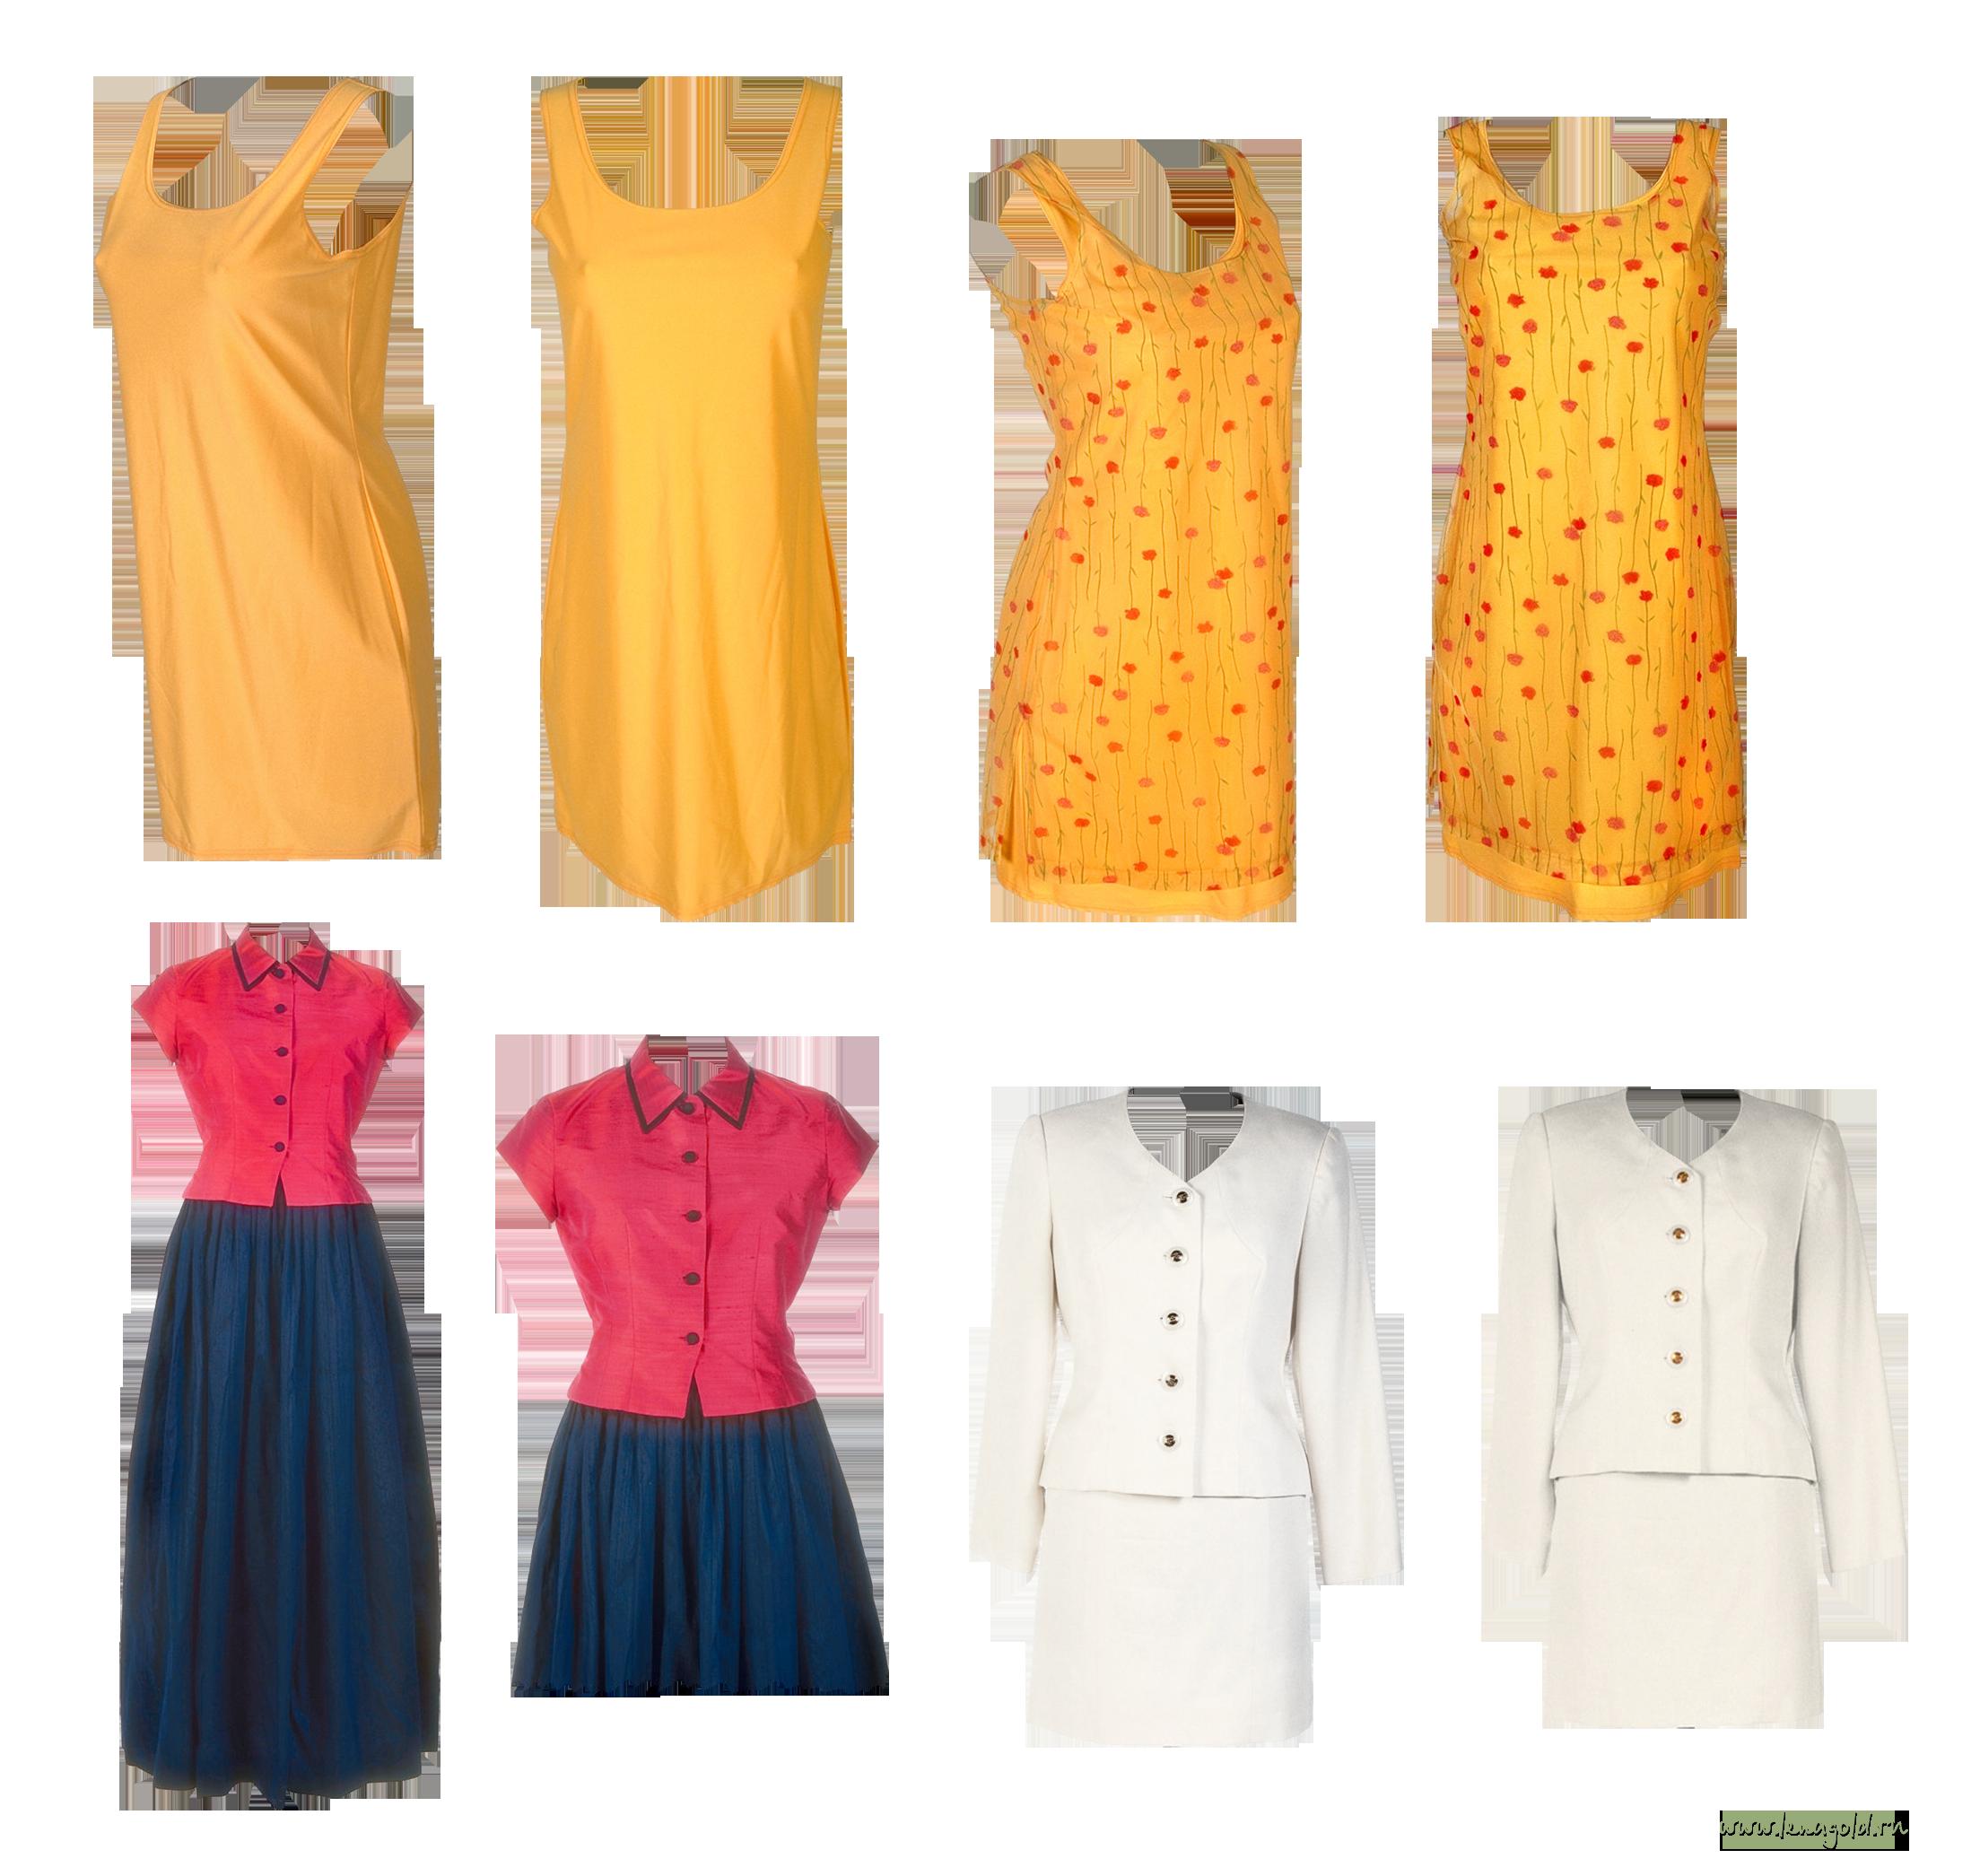 Картинки женской одежды для фотошопа, смешная картинка прикольные